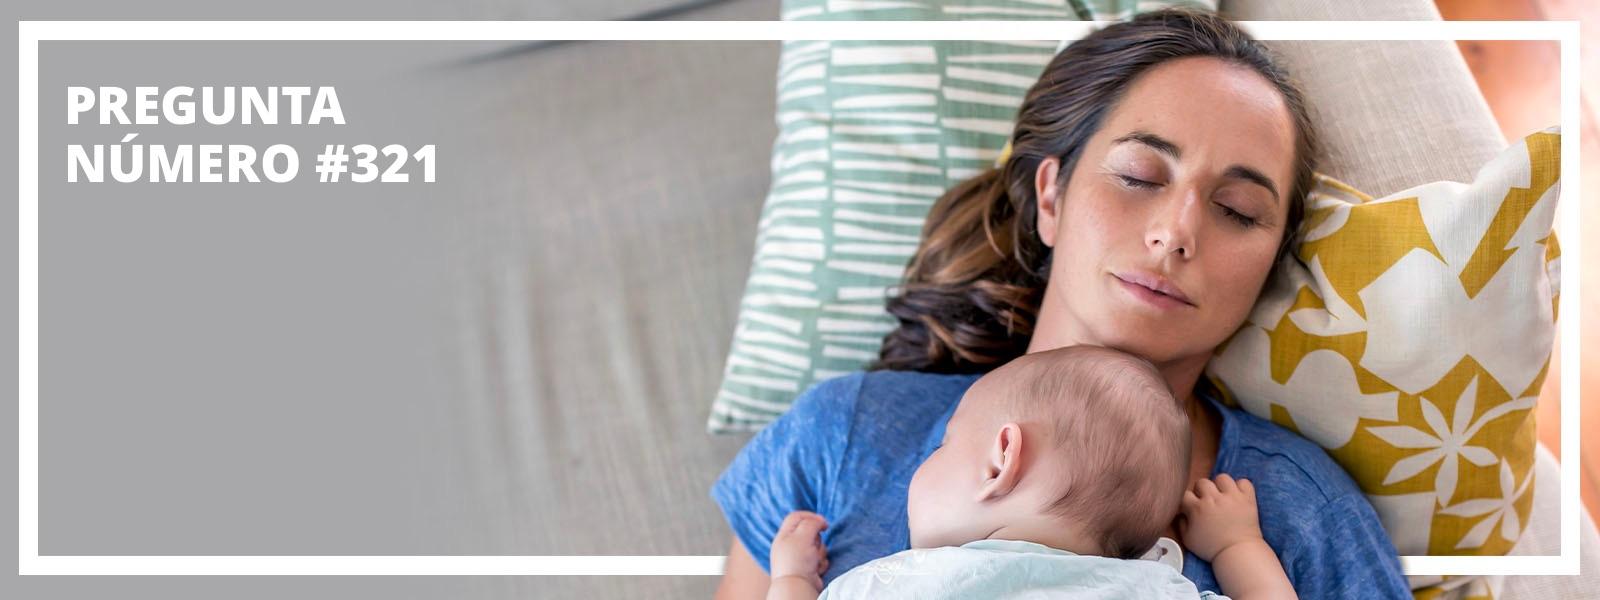 Madre durmiendo con el bebé en el pecho